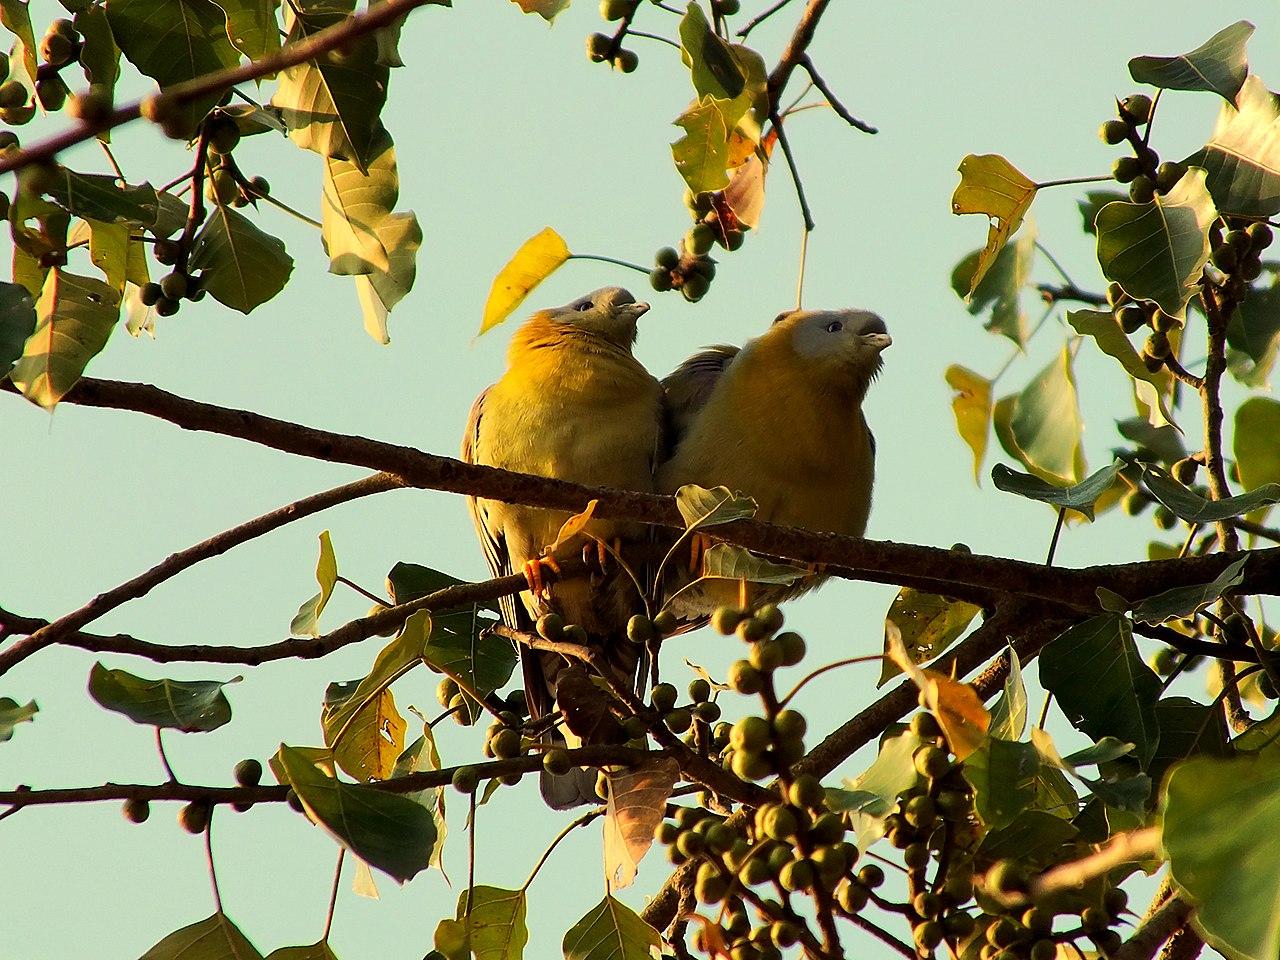 Muchos animales utilizan los árboles como refugio